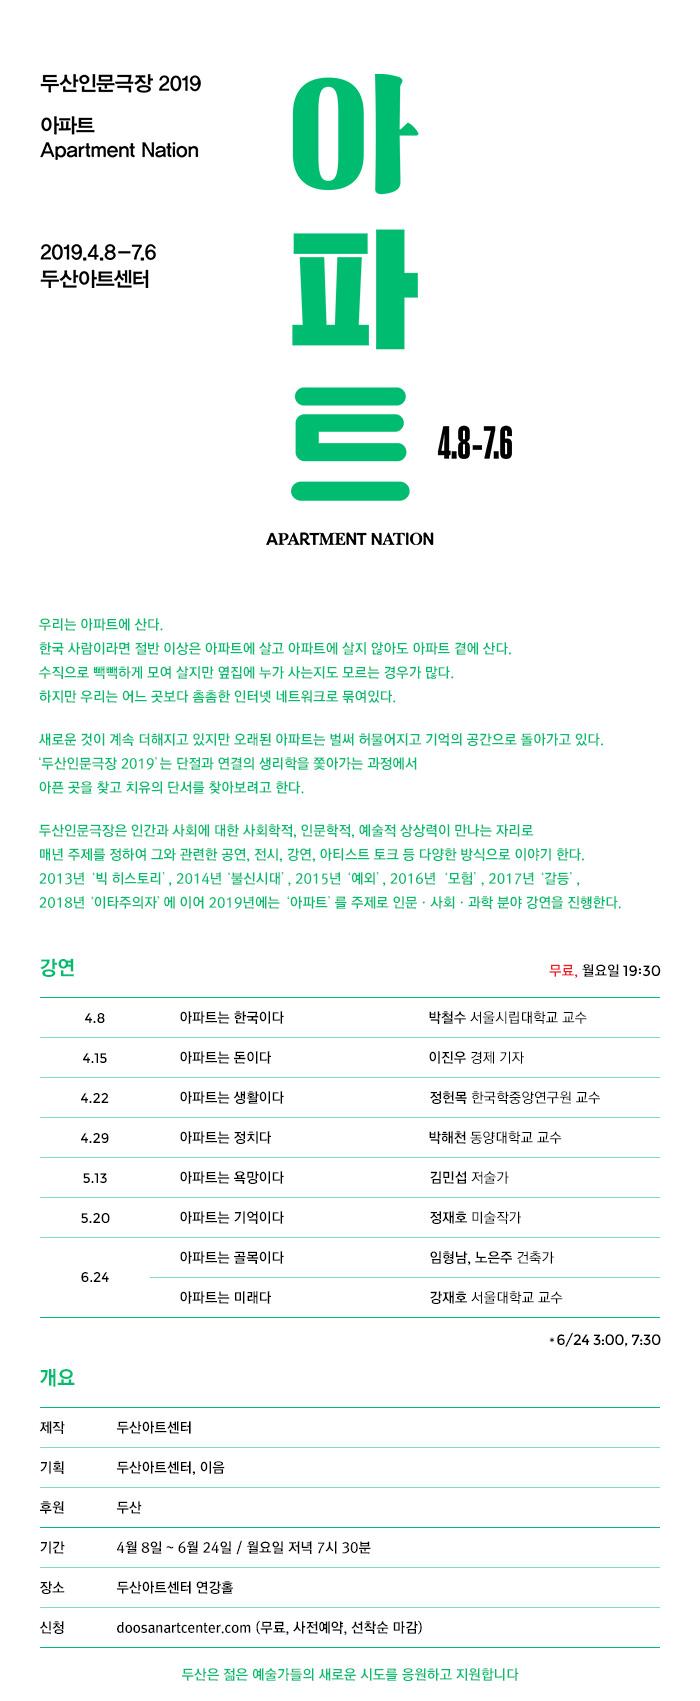 [두산아트센터] '두산인문극장 2019 아파트' 무료 인문학 강연 안내 4.8~6.24